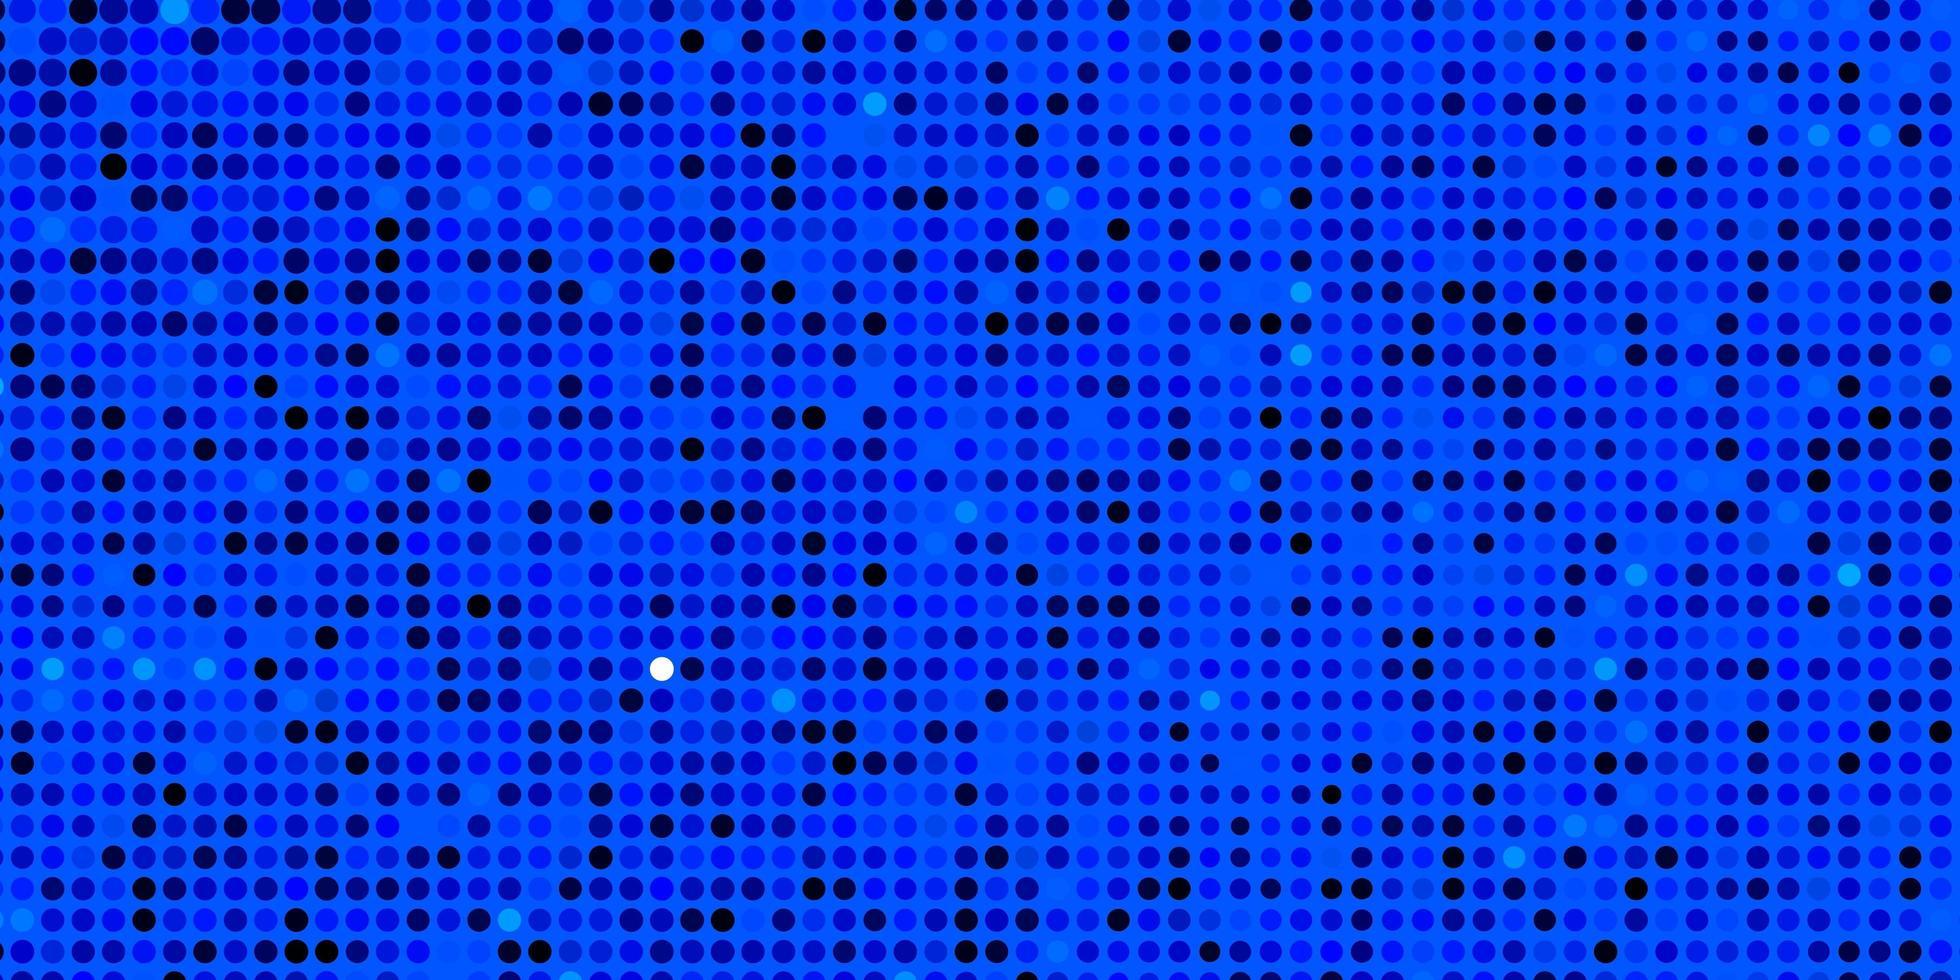 blauw patroon met cirkels. vector